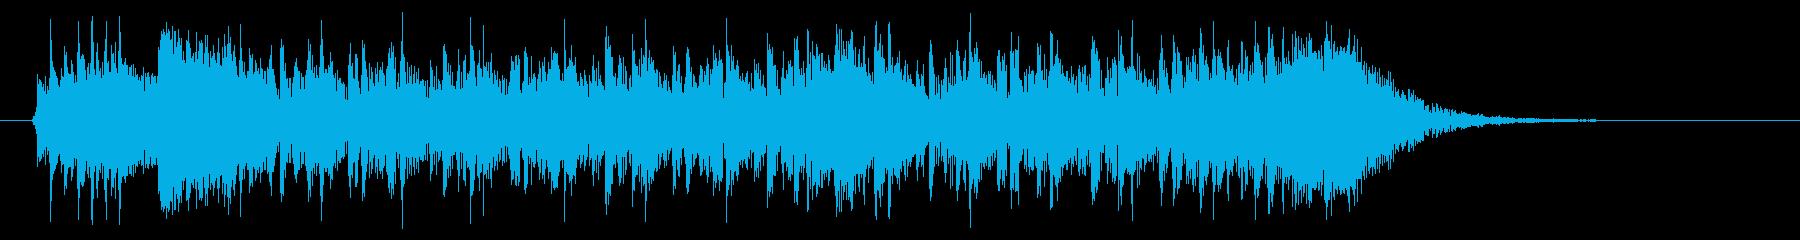 ダークでリズミカルテクノポップジングルの再生済みの波形